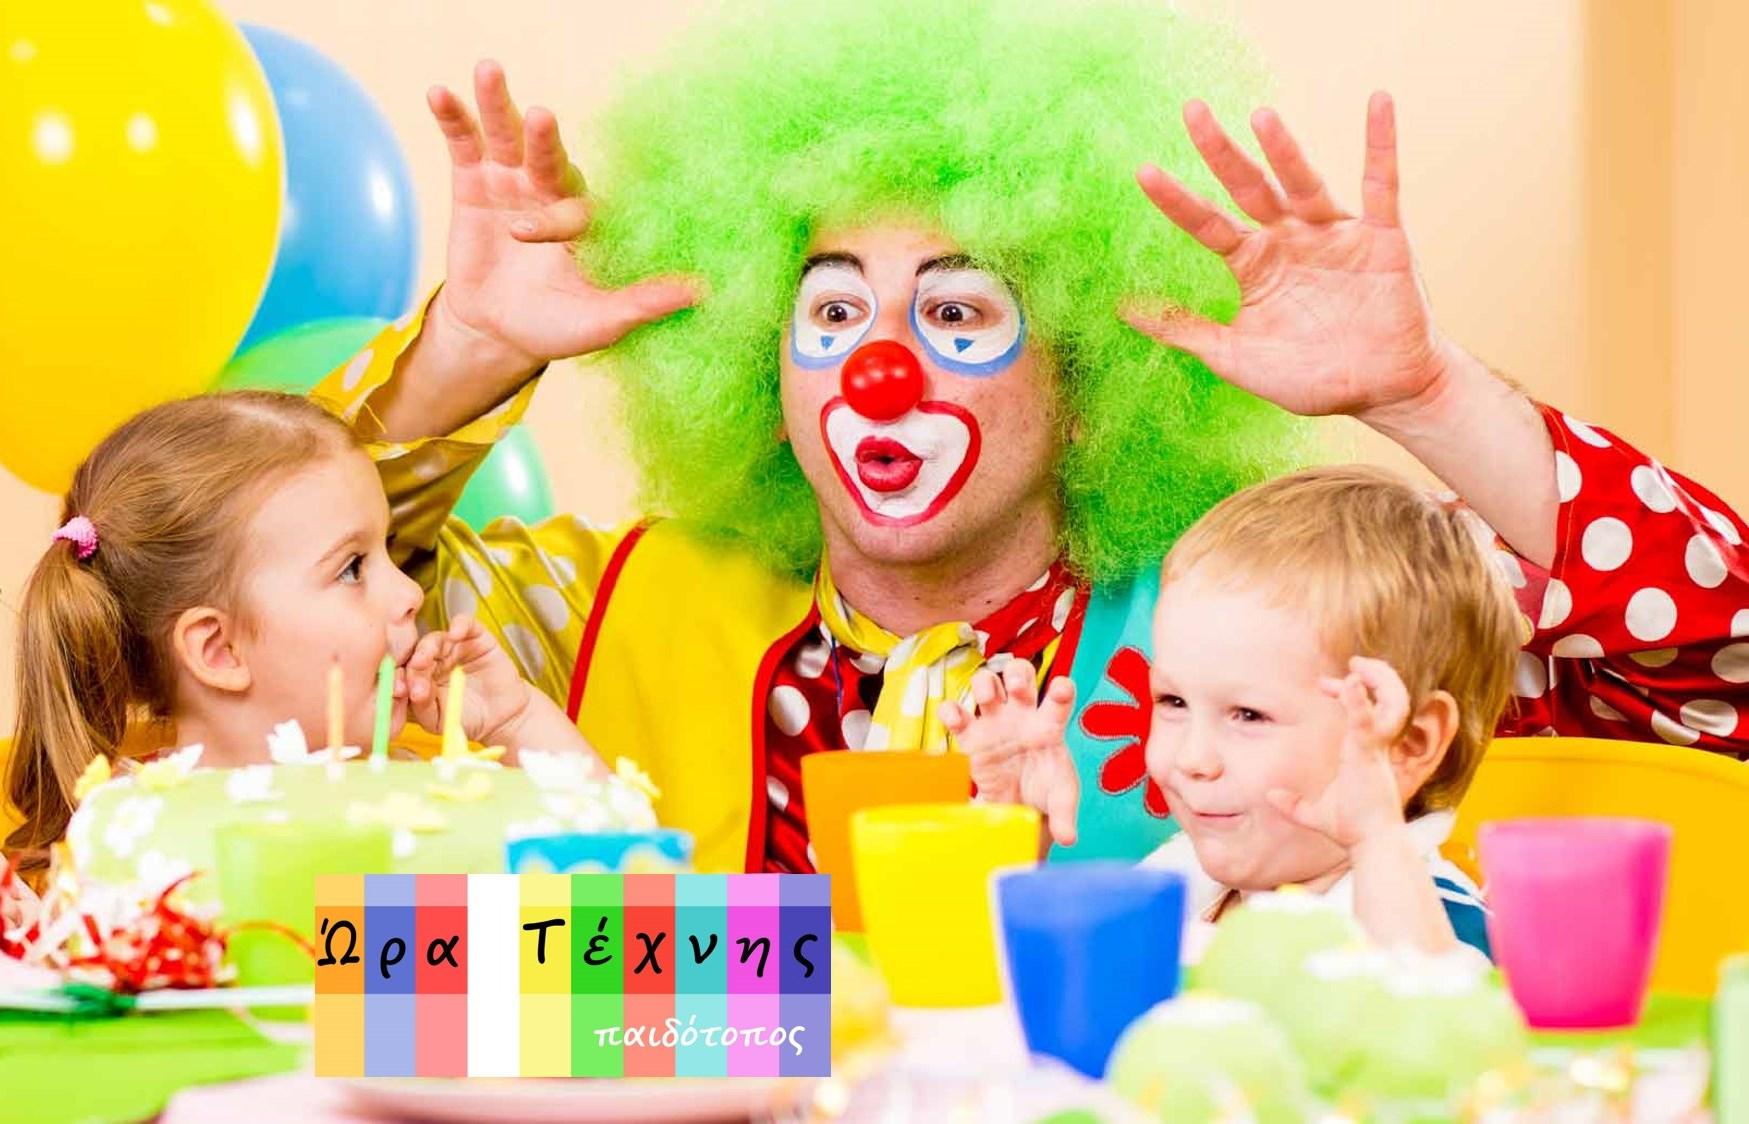 Από 120€ για Διοργάνωση Παιδικού Πάρτυ, με Φαγητό, Ομαδικά Παιχνίδια, Karaoke, Roller & Παιχνιδότοπο, στον δημιουργικό παιδότοπο ''Ώρα Τέχνης'' στον Άγ.Δημήτριο εικόνα